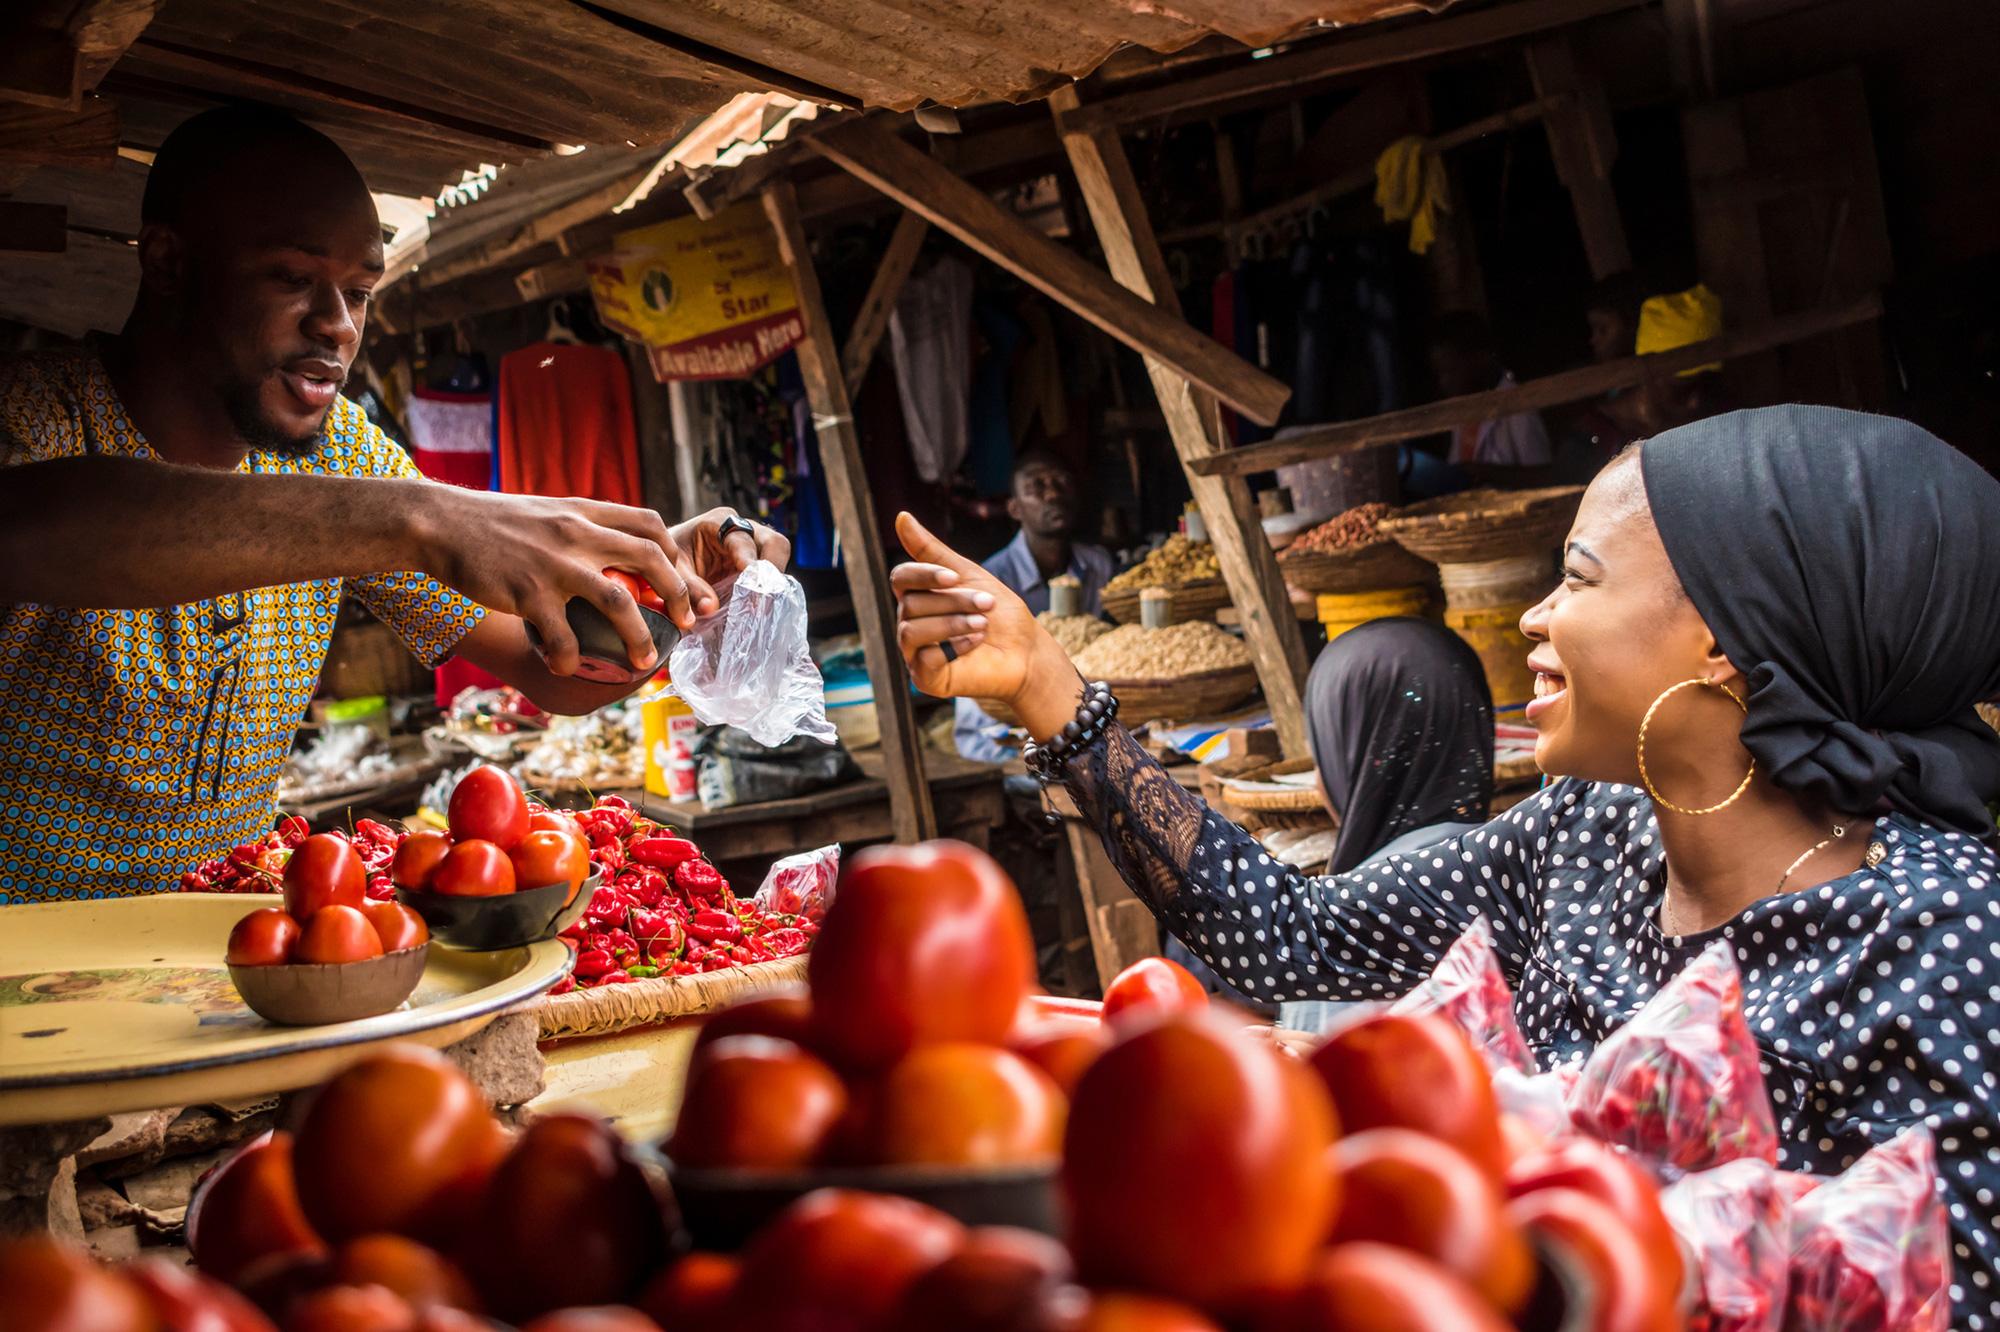 Bayer củng cố cam kết giúp tăng cường tiêu thụ trái cây và rau củ trên toàn thế giới - Ảnh 1.